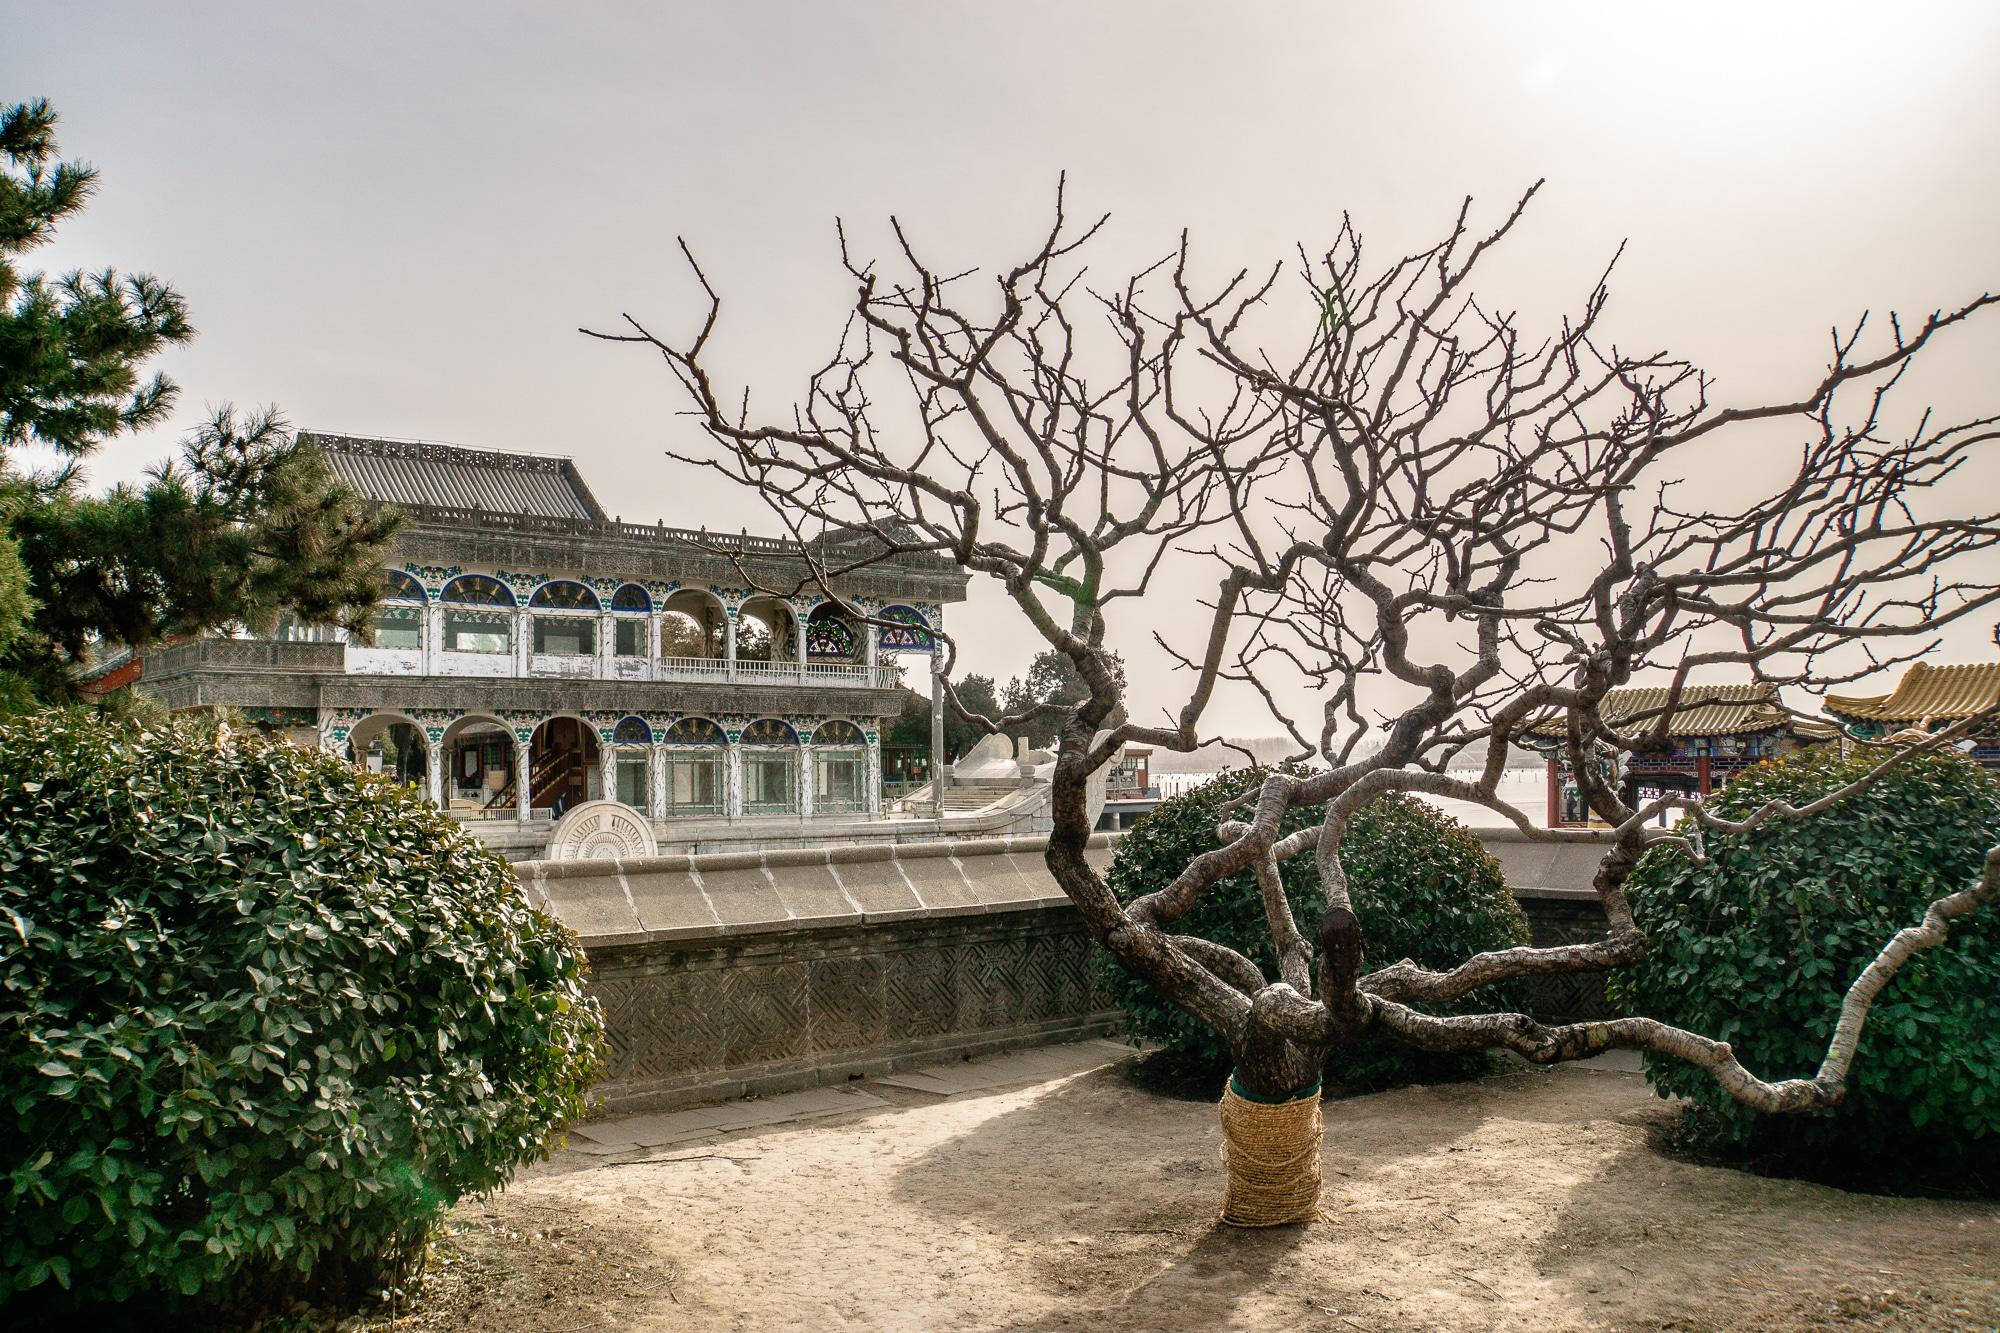 Sommerpalast in Peking: Die schönsten Sehenswürdigkeiten & Highlights - Marmorboot / Marble Boat